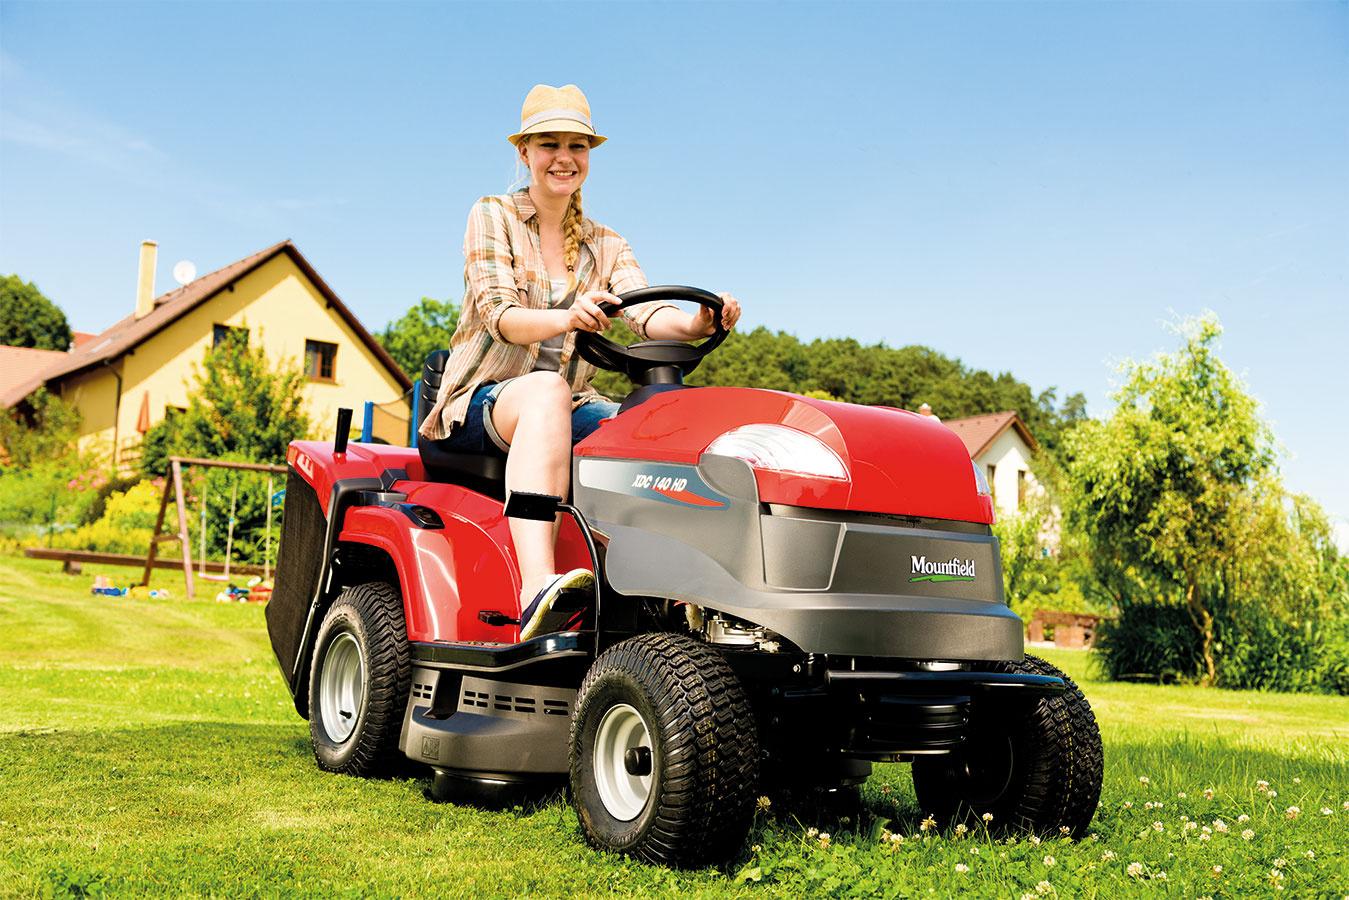 Kvalitné a sofistikované stroje svetových výrobcov – všetok sortiment kosiacej techniky teraz v posezónnom výpredaji. Kosačky, krovinorezy aj záhradné traktory. Vyberte ten pravý práve do Vašej záhrady.